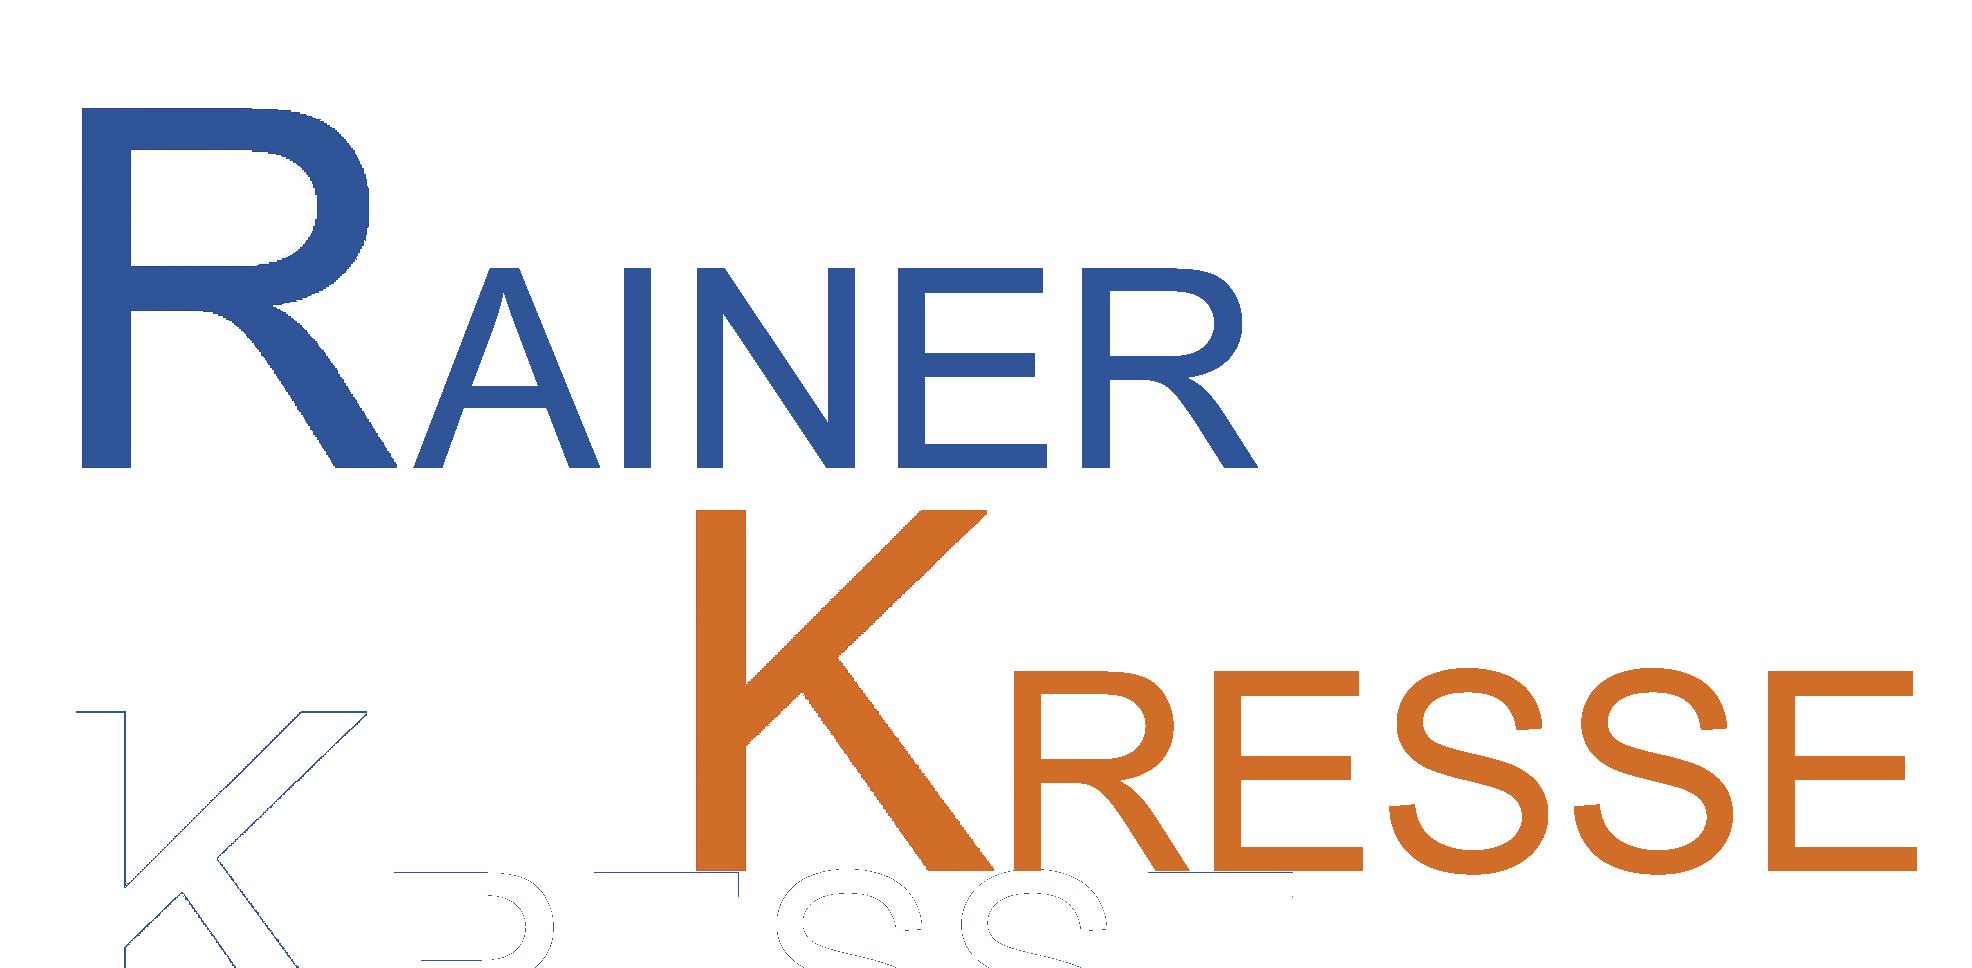 Rainer Kresse